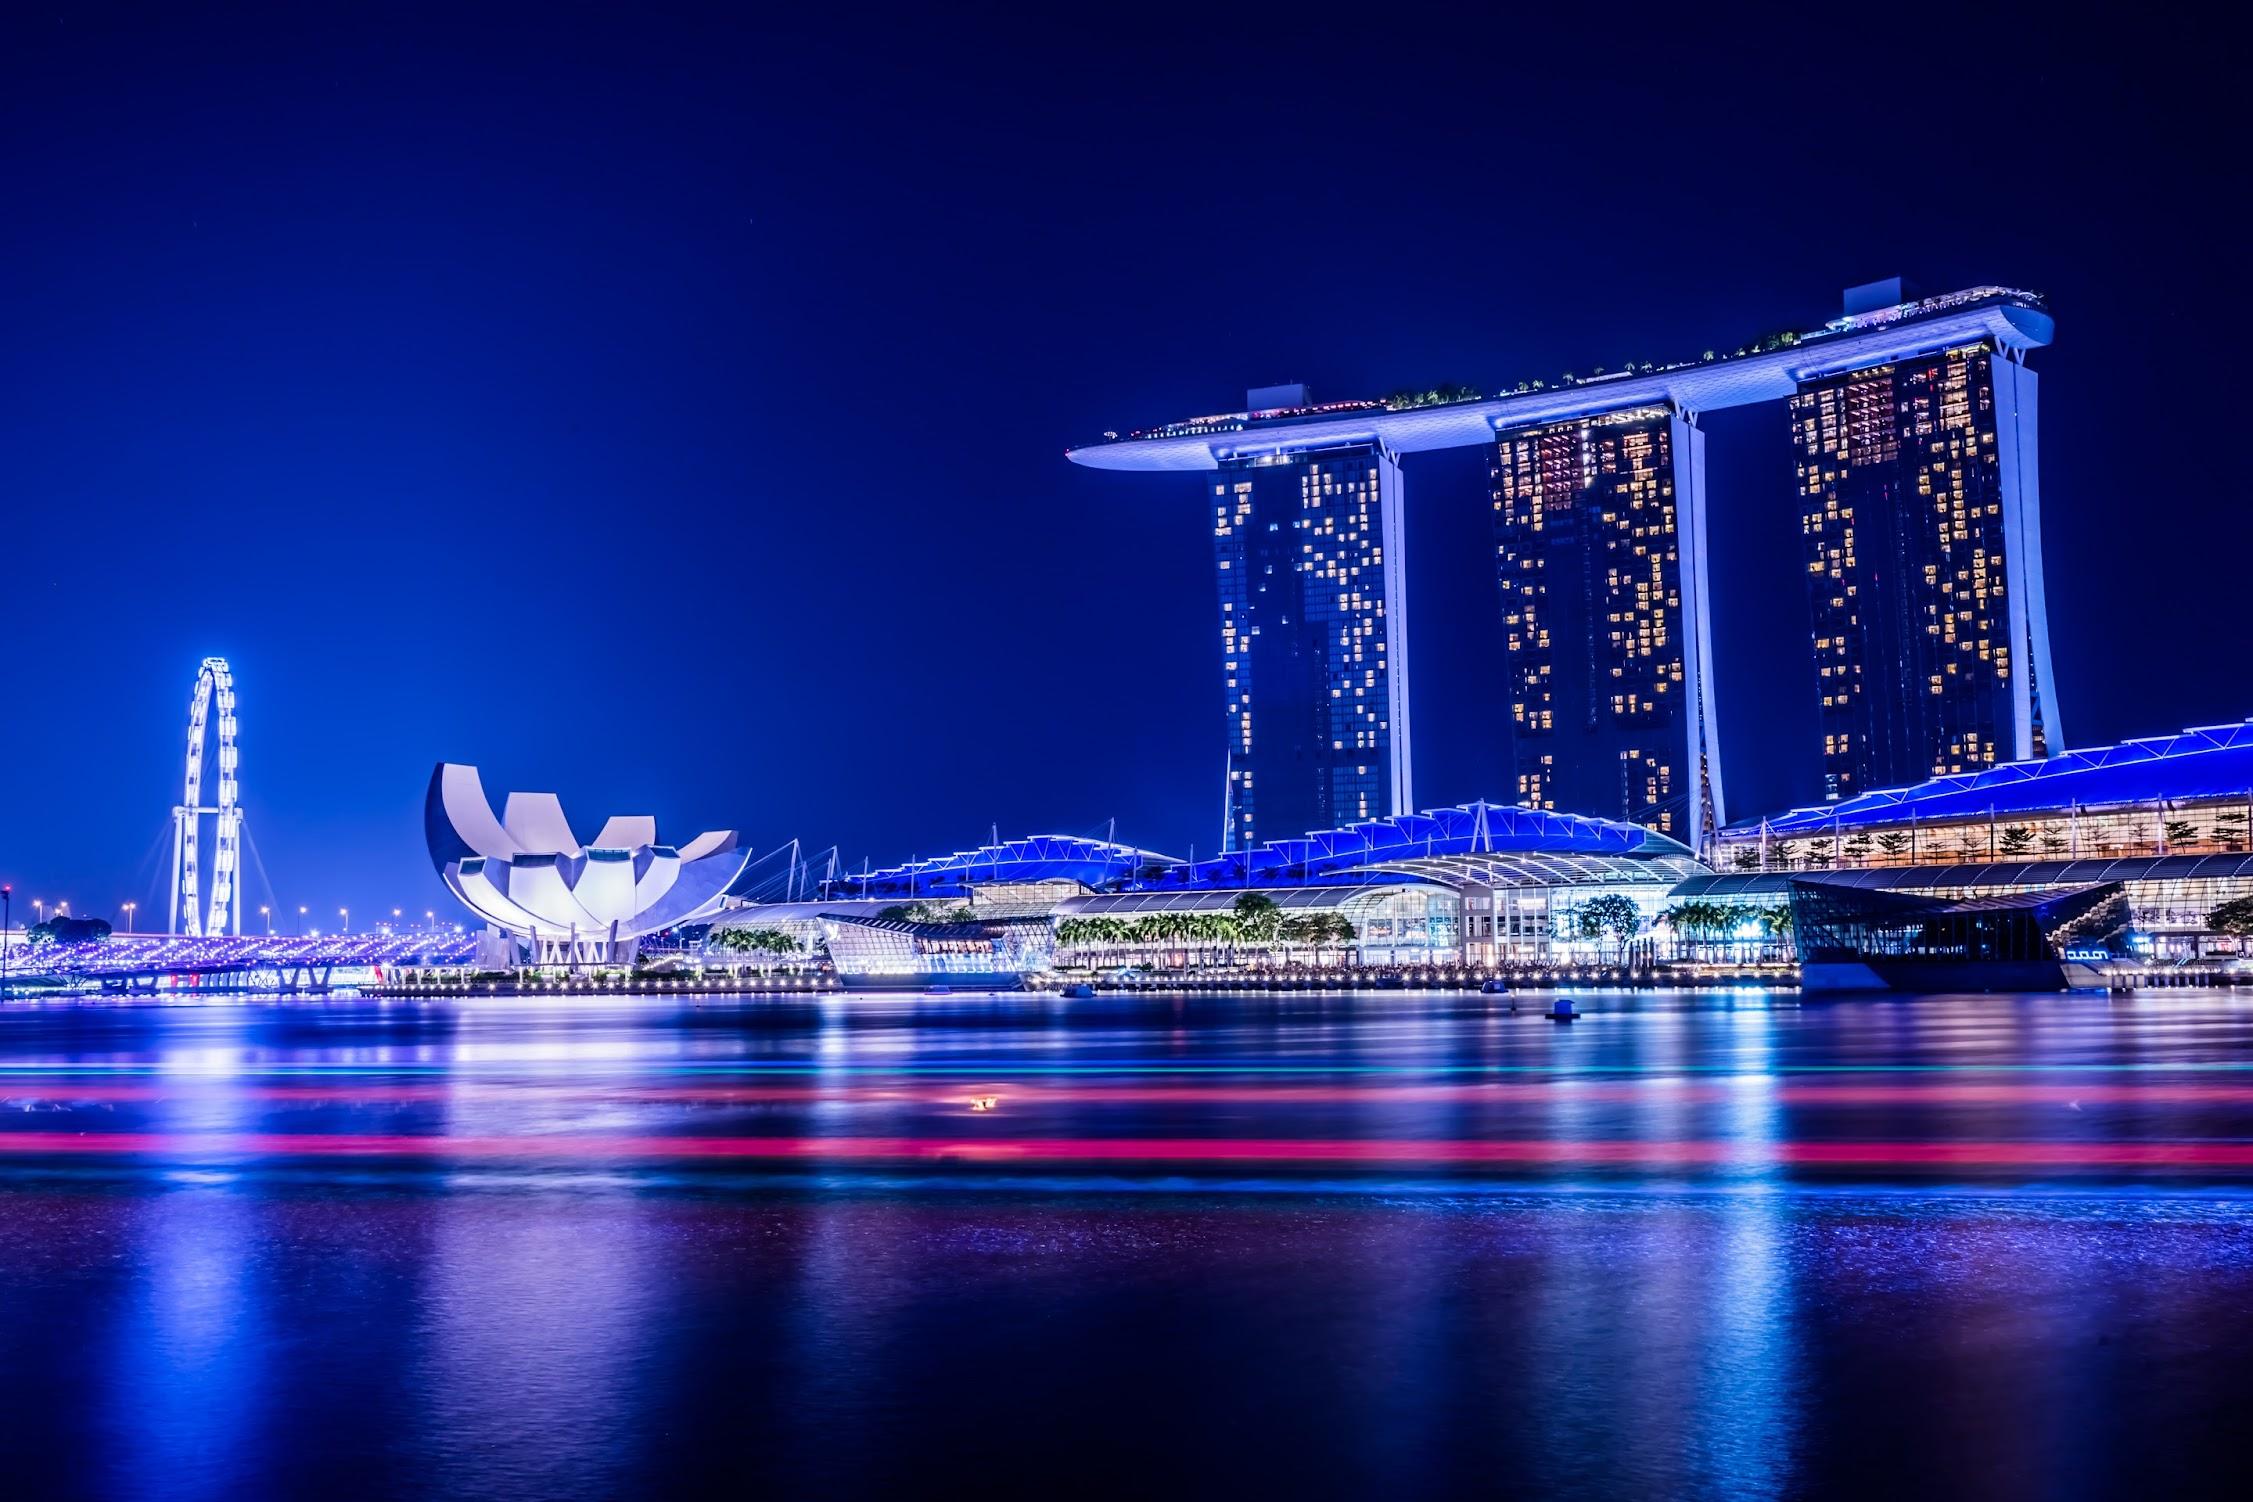 シンガポール マリーナ・ベイ・サンズ 夜景7